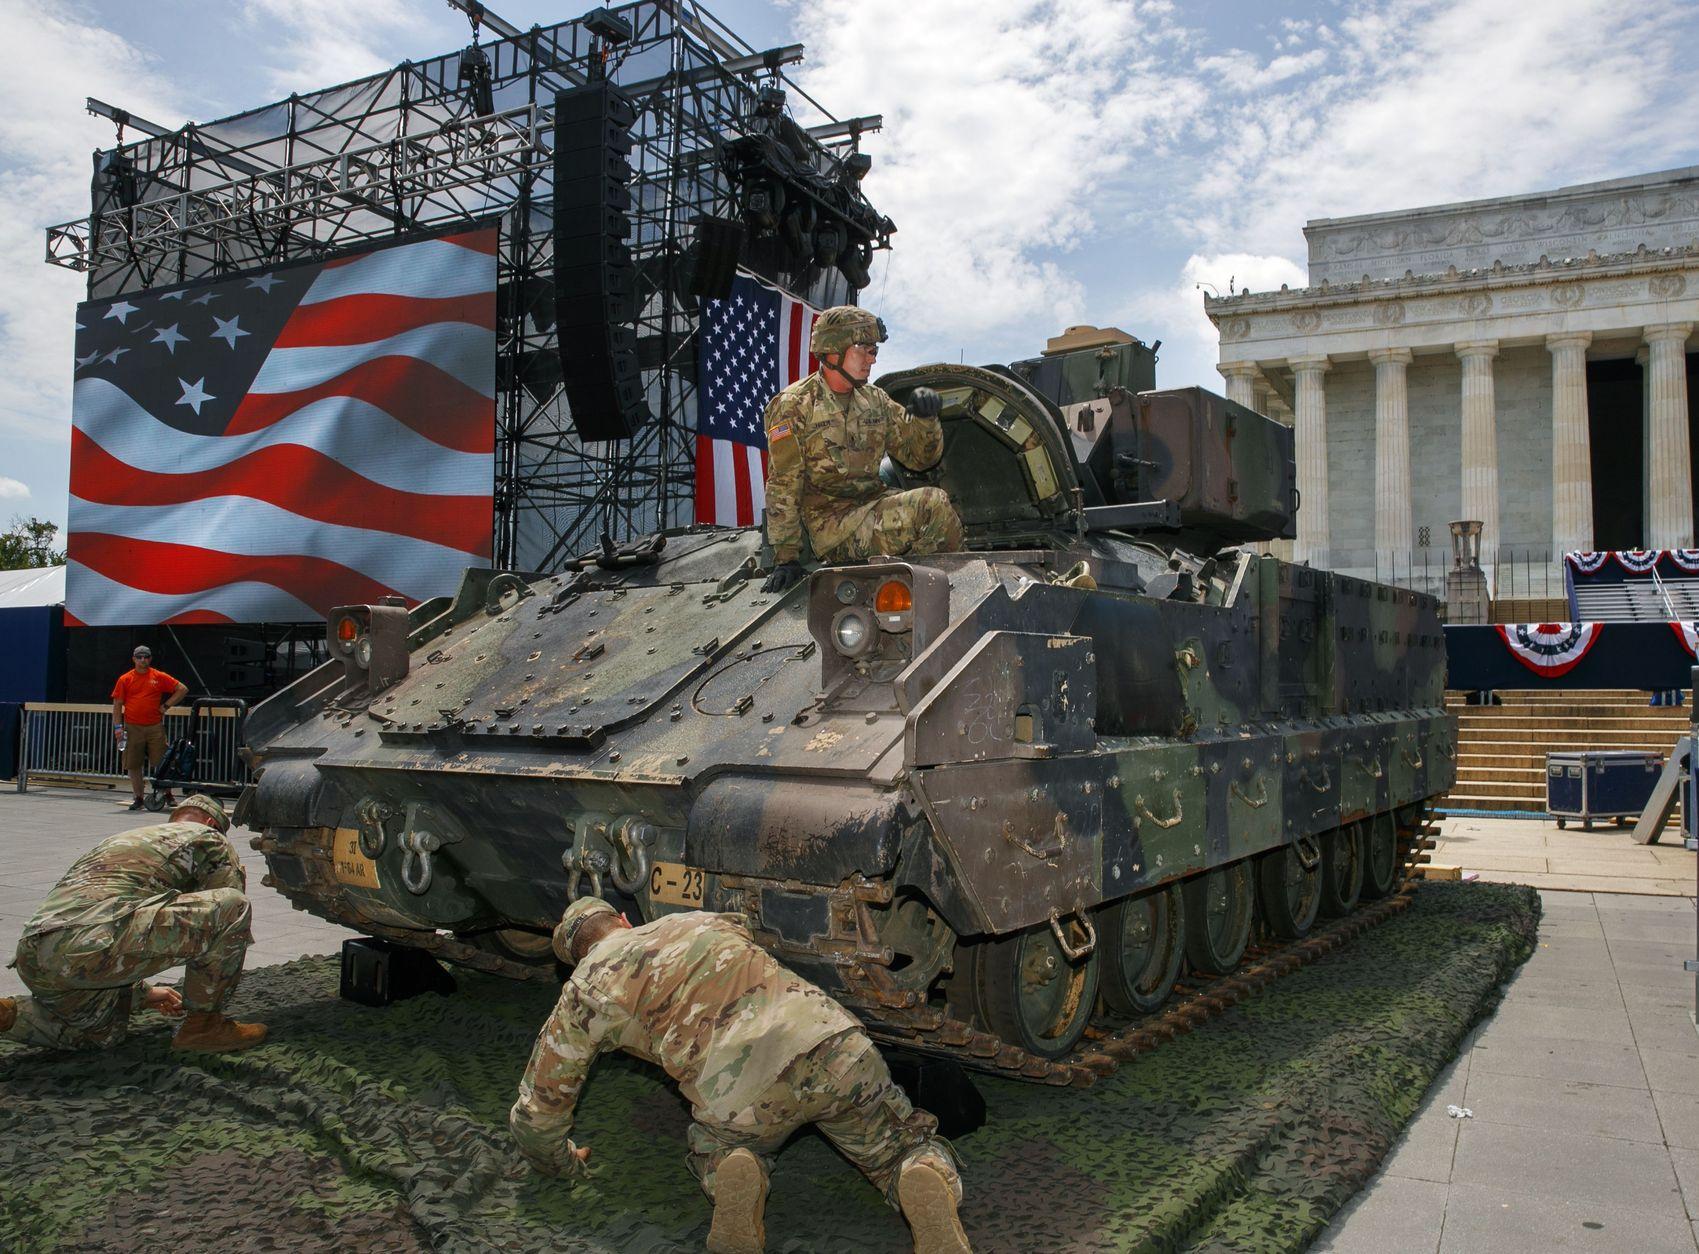 特朗普指示國防部安排坦克及各款戰機亮相展示實力。AP